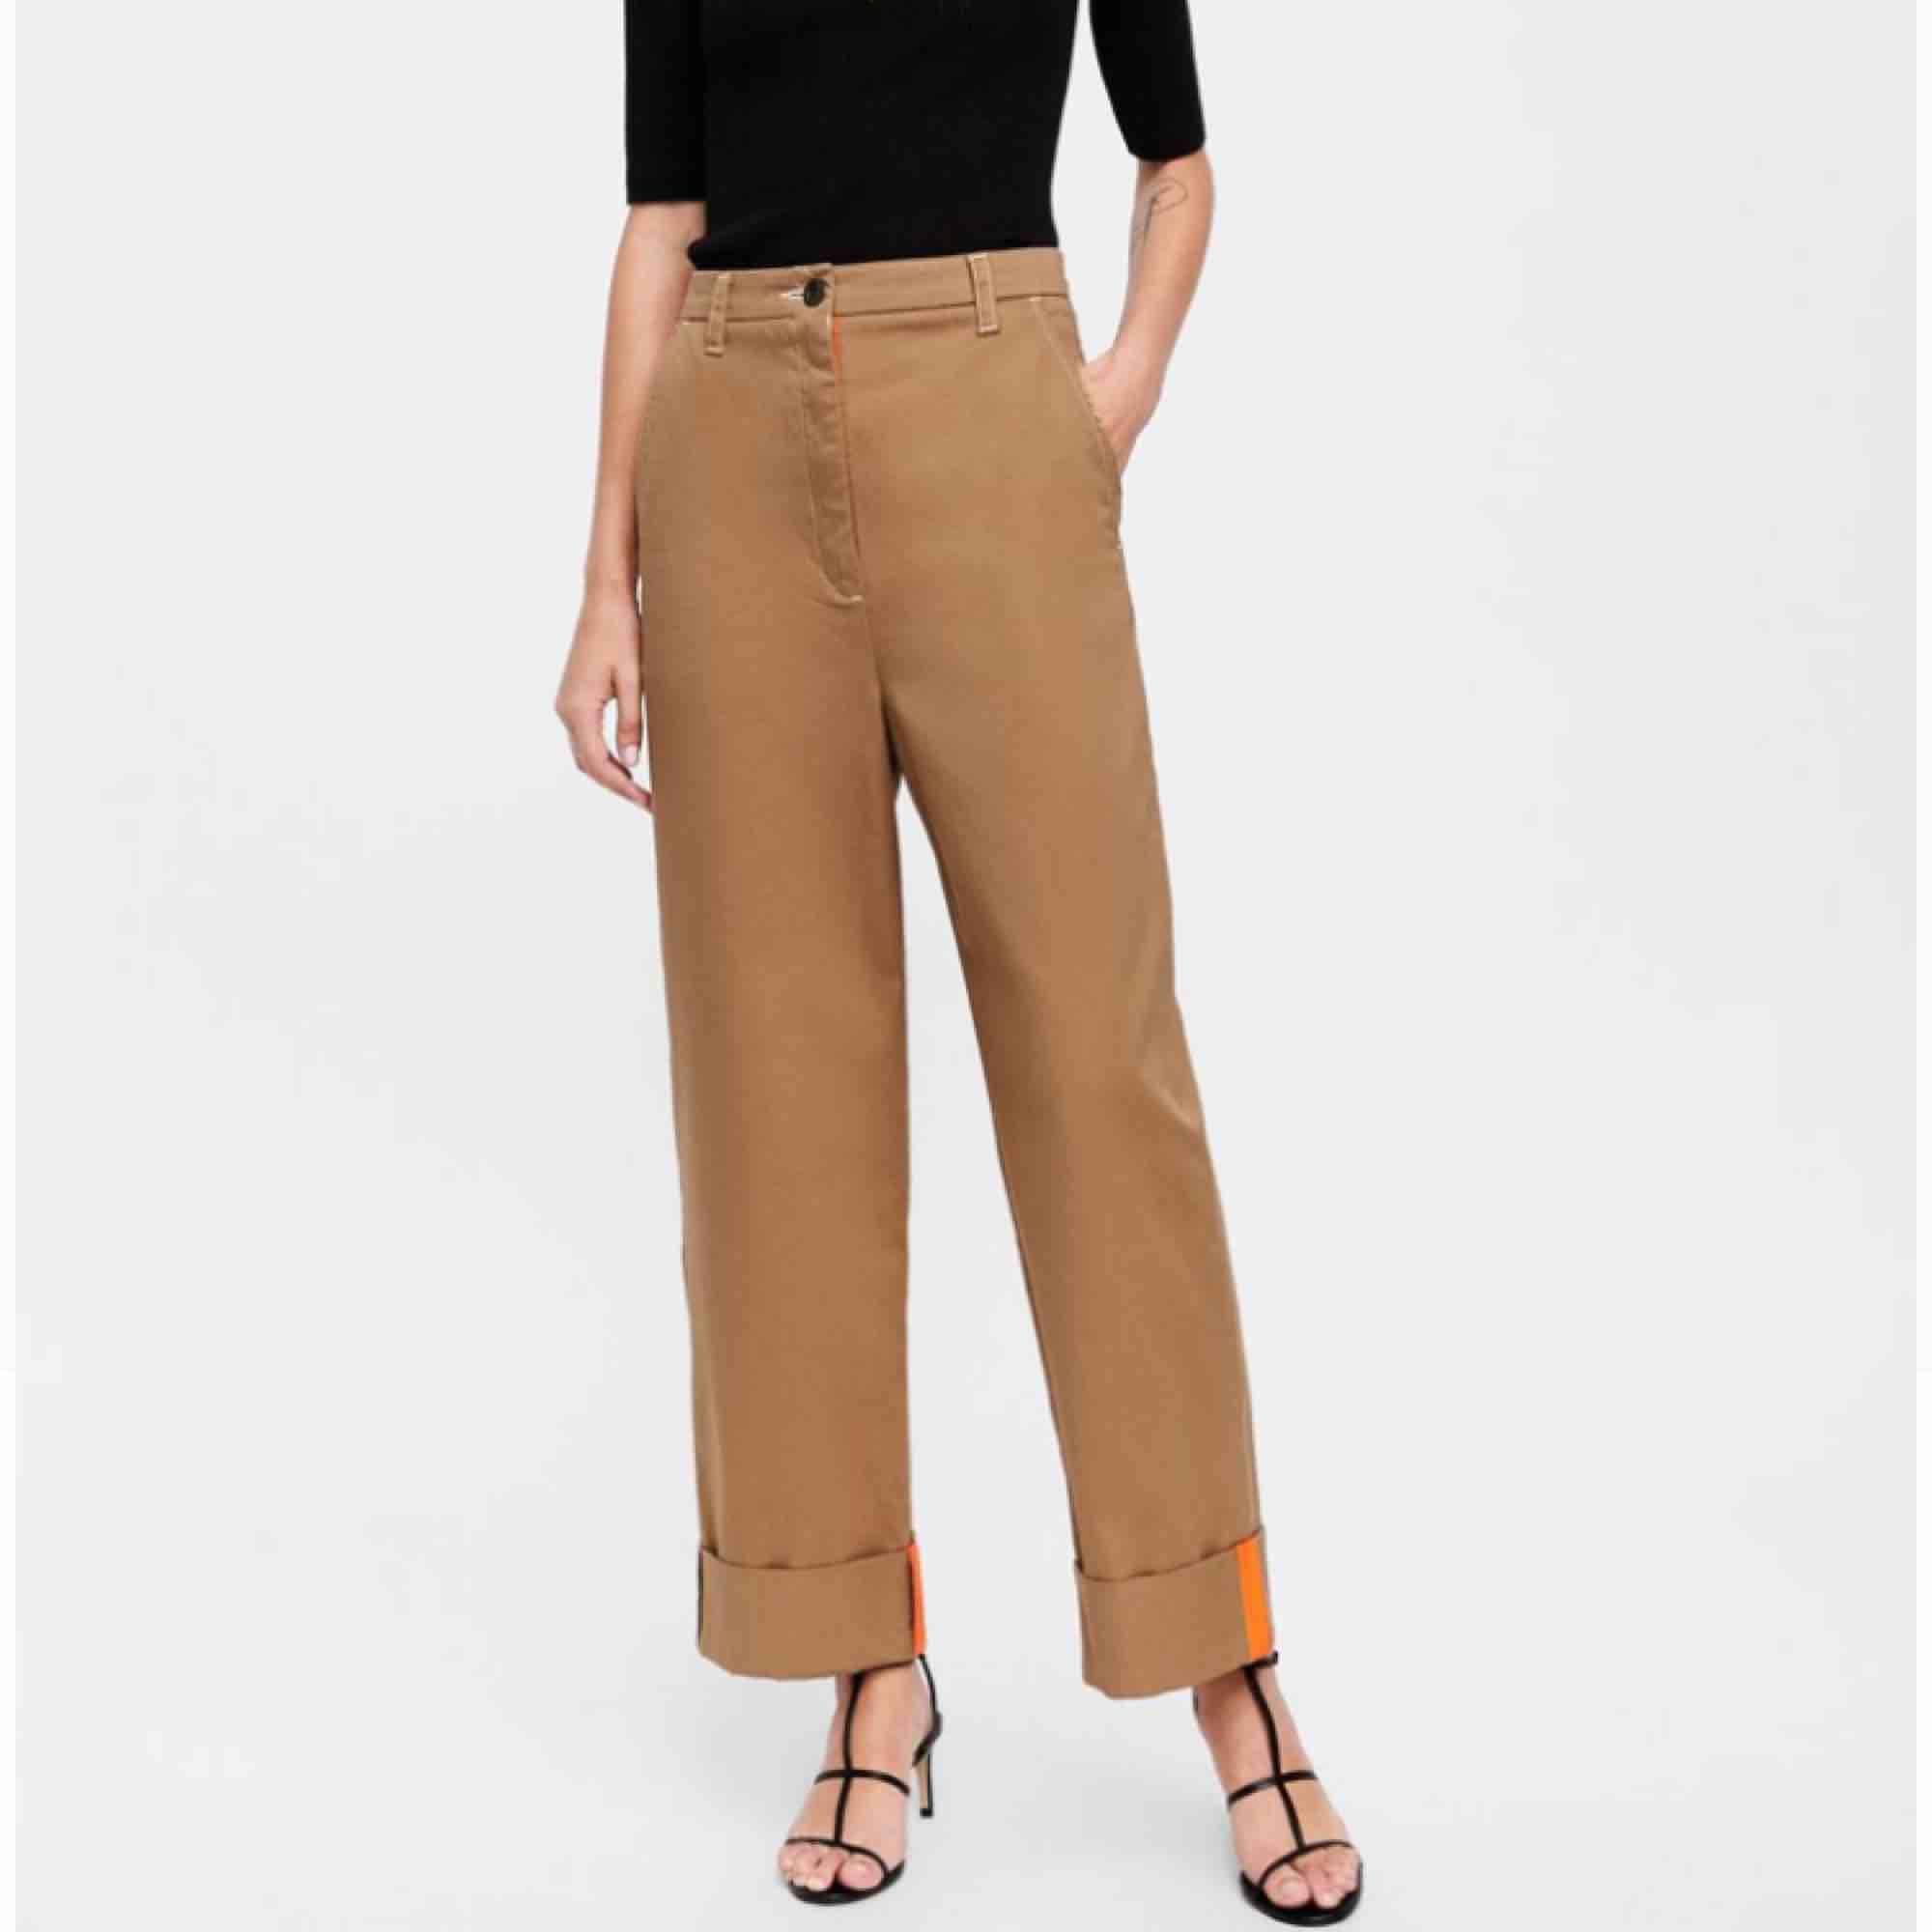 """Säljer mina """"The Sergeant Chino"""" från Zaras collection Premium Denim Collection. Köpte dessa i Prag, tror inte de säljs i Sverige. Jättesköna och typiskt streetwear stil. Skriv om du har några frågor!. Jeans & Byxor."""